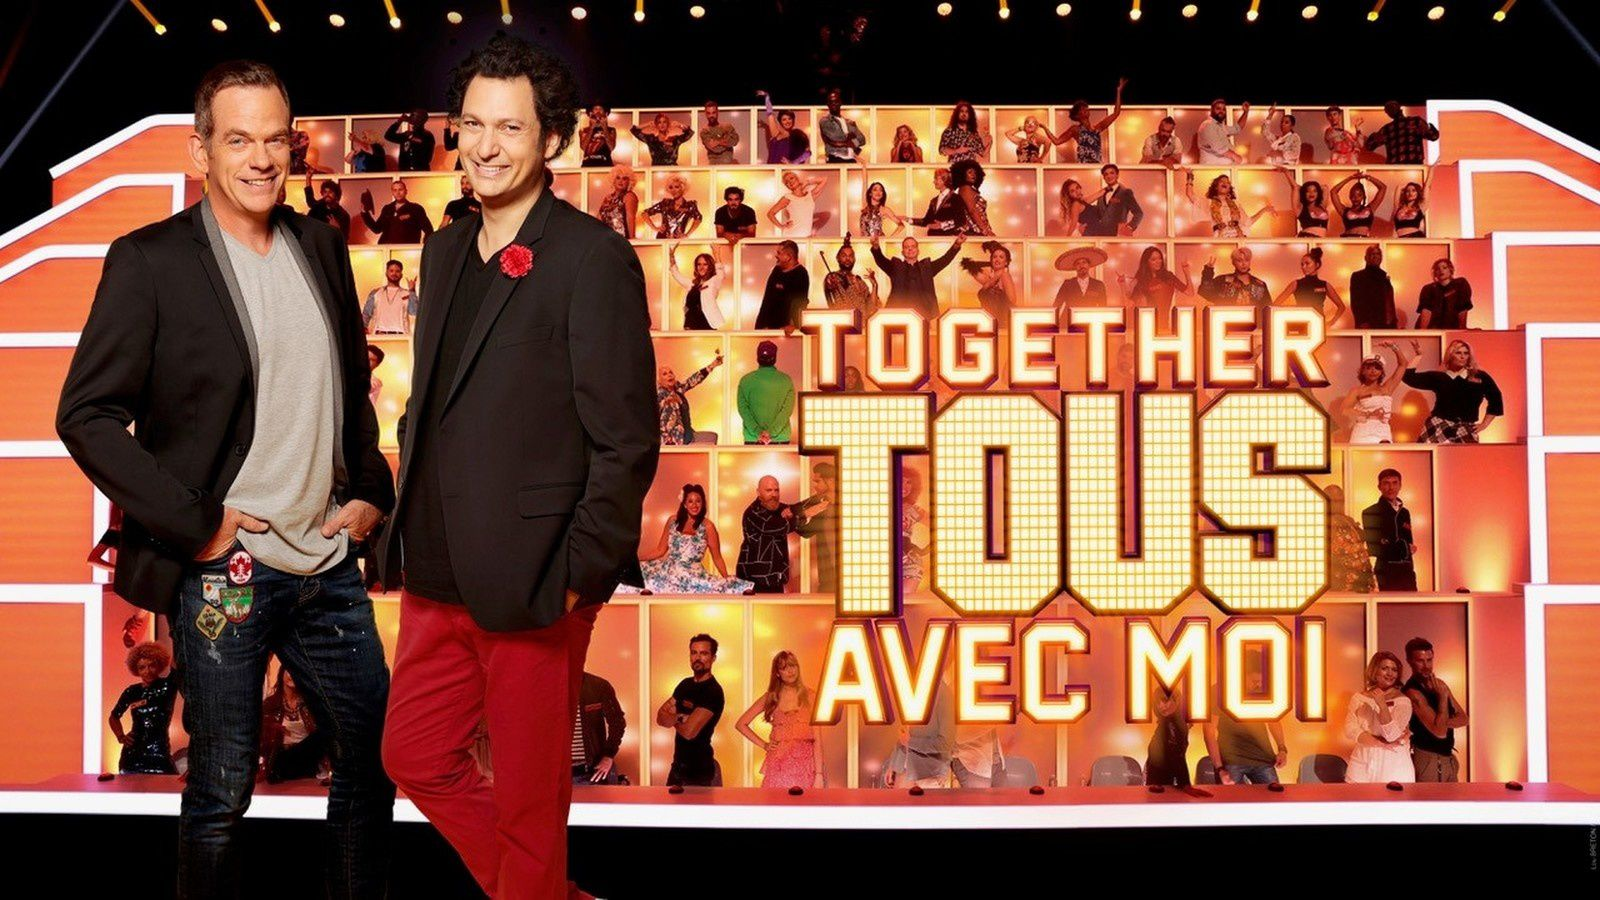 Rappel des jurés et des règles du divertissement Together, tous avec moi diffusé sur M6.